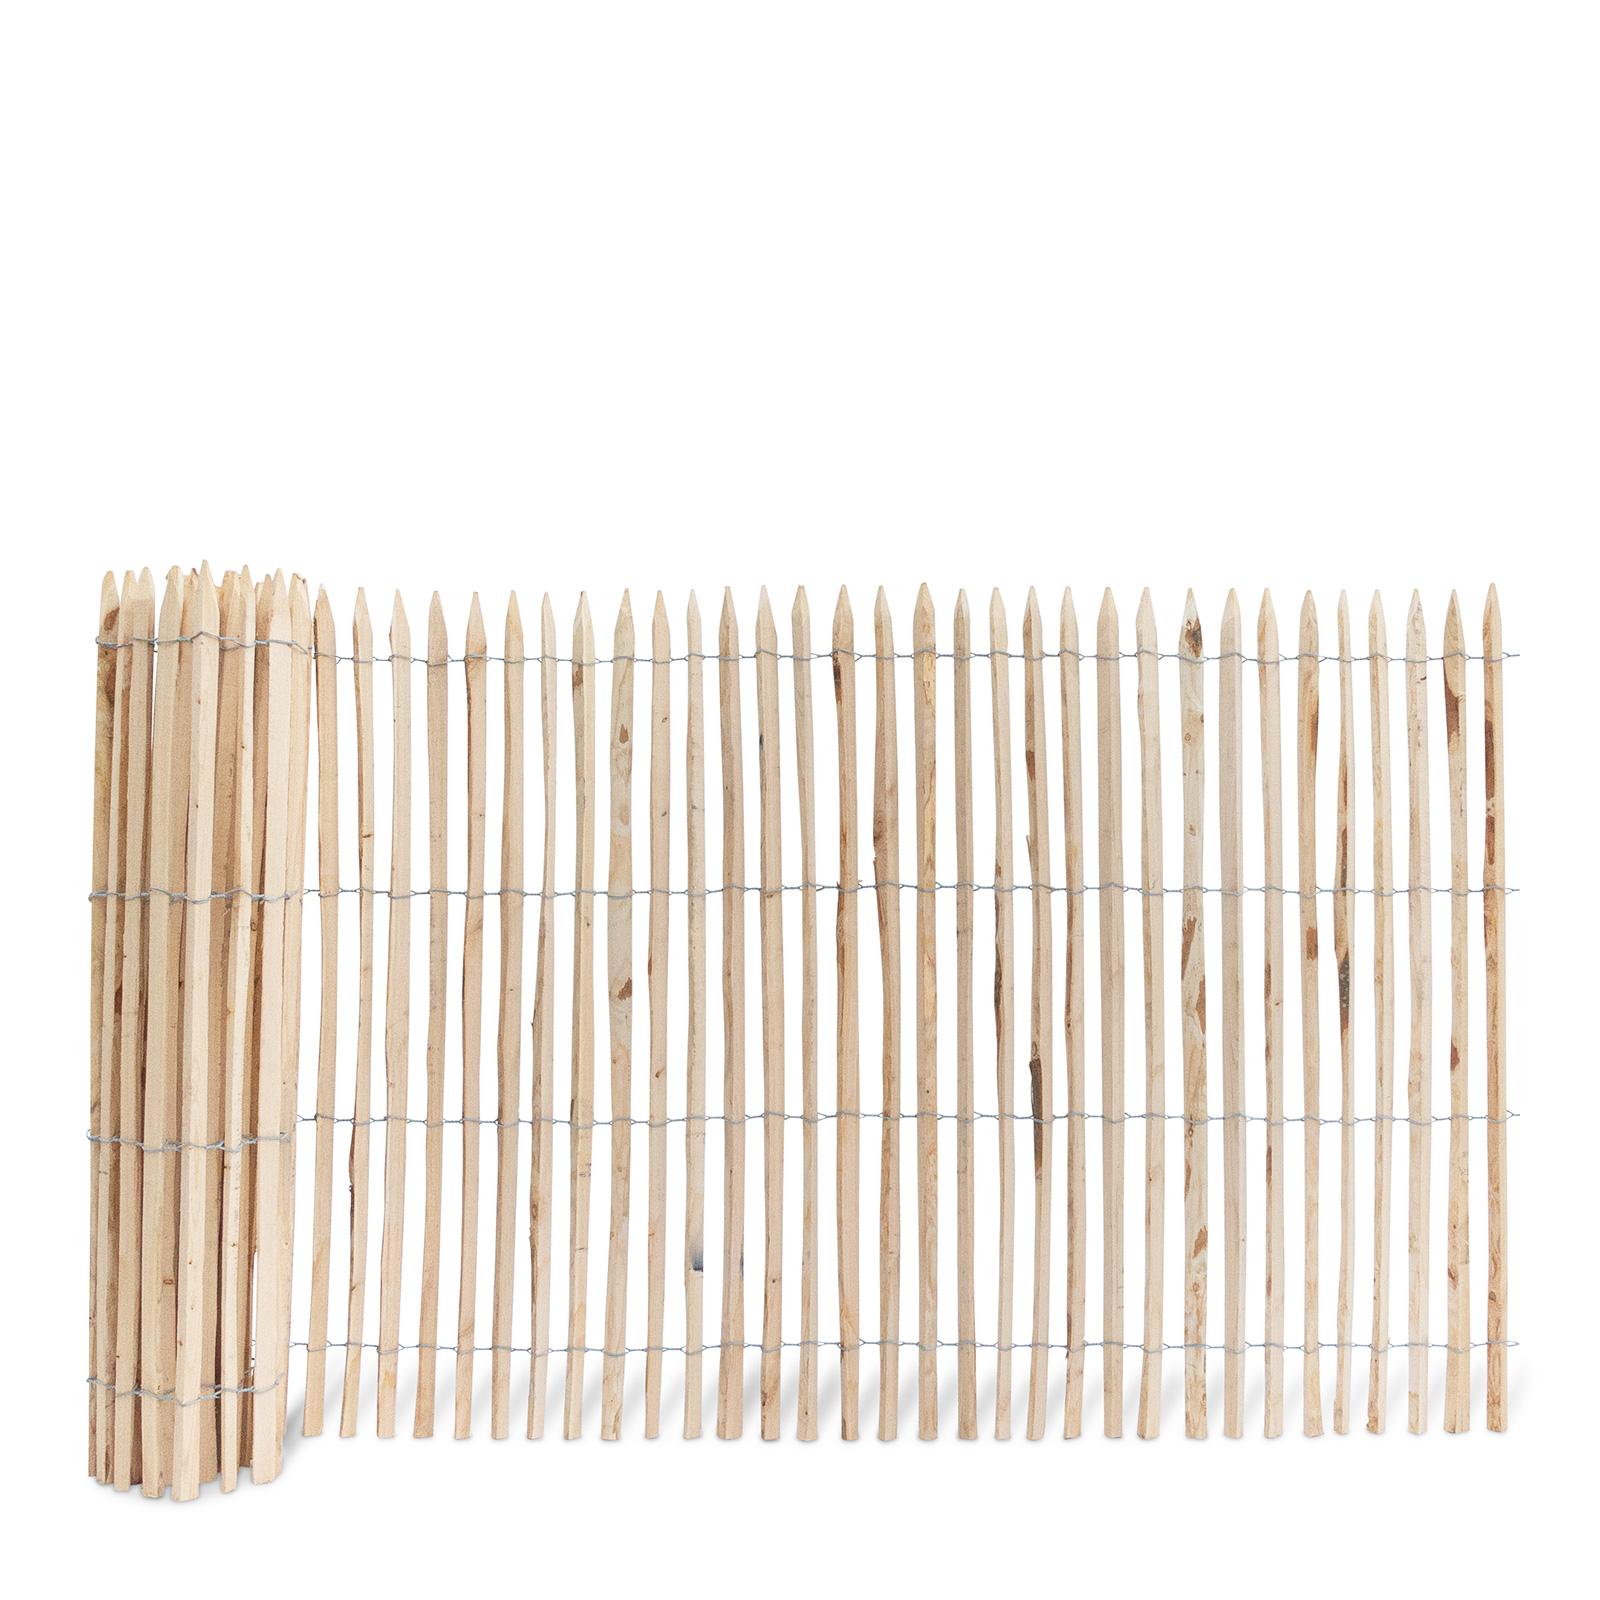 Französischer Staketenzaun aus Kastanienholz, 150 cm hoch mit einem Lattenabstand von 2-3 Zentimetern. Mit seinen angespitzten und verdrahteten Hölzern passt der schöne Zaun in jede Umgebung. Ganz ohne Pflege hält der natürliche Gartenzaun rund 20 Jahre.